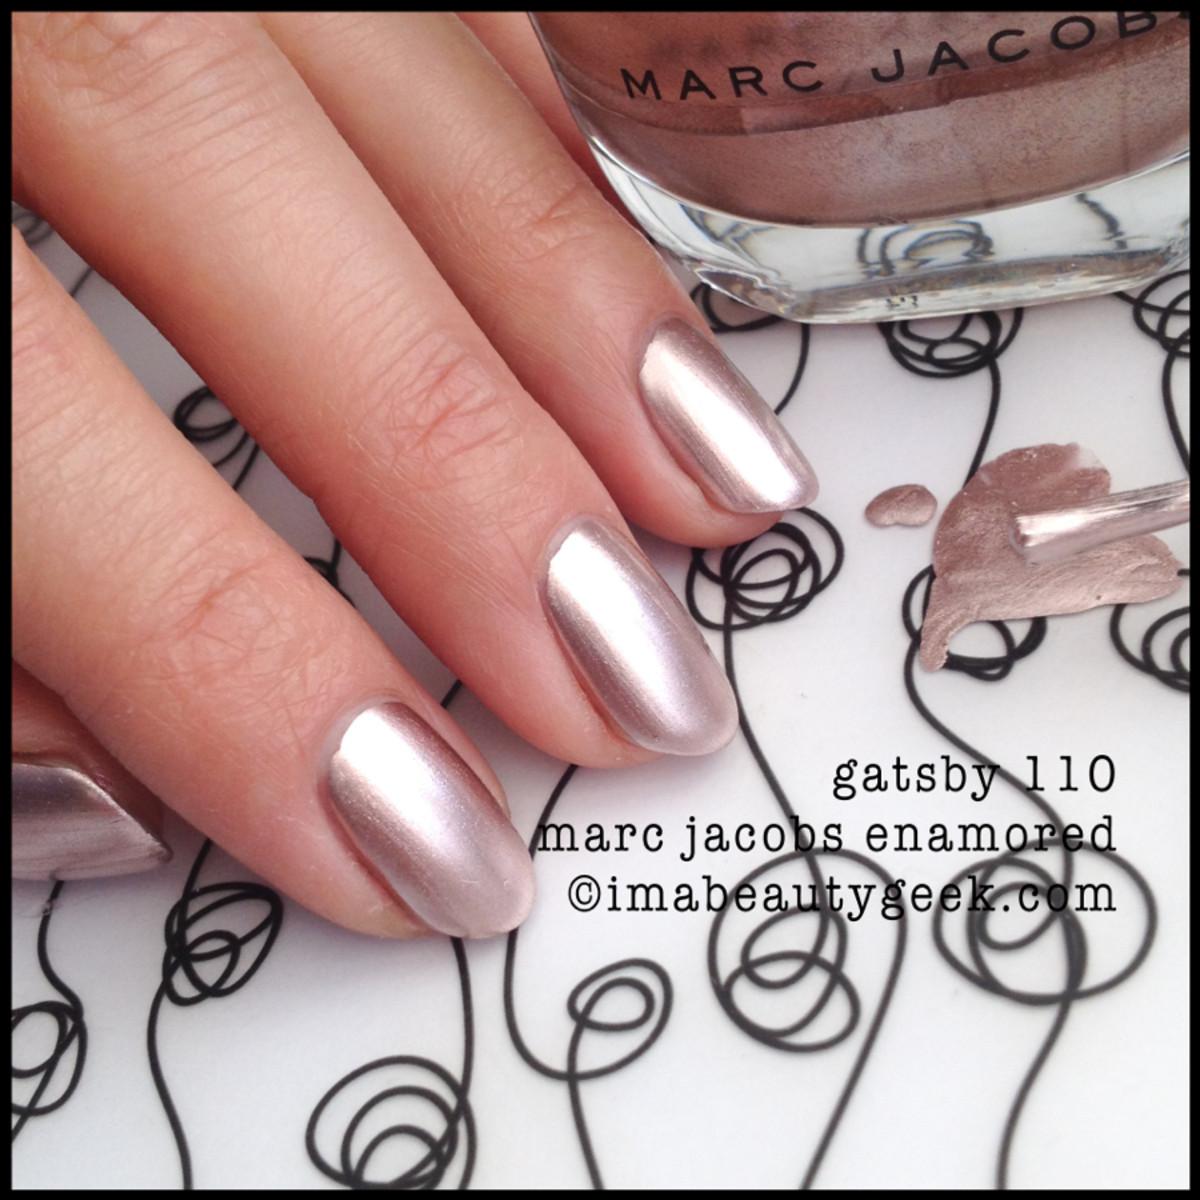 Marc Jacobs Gatsby 110 Enamored Nail Polish